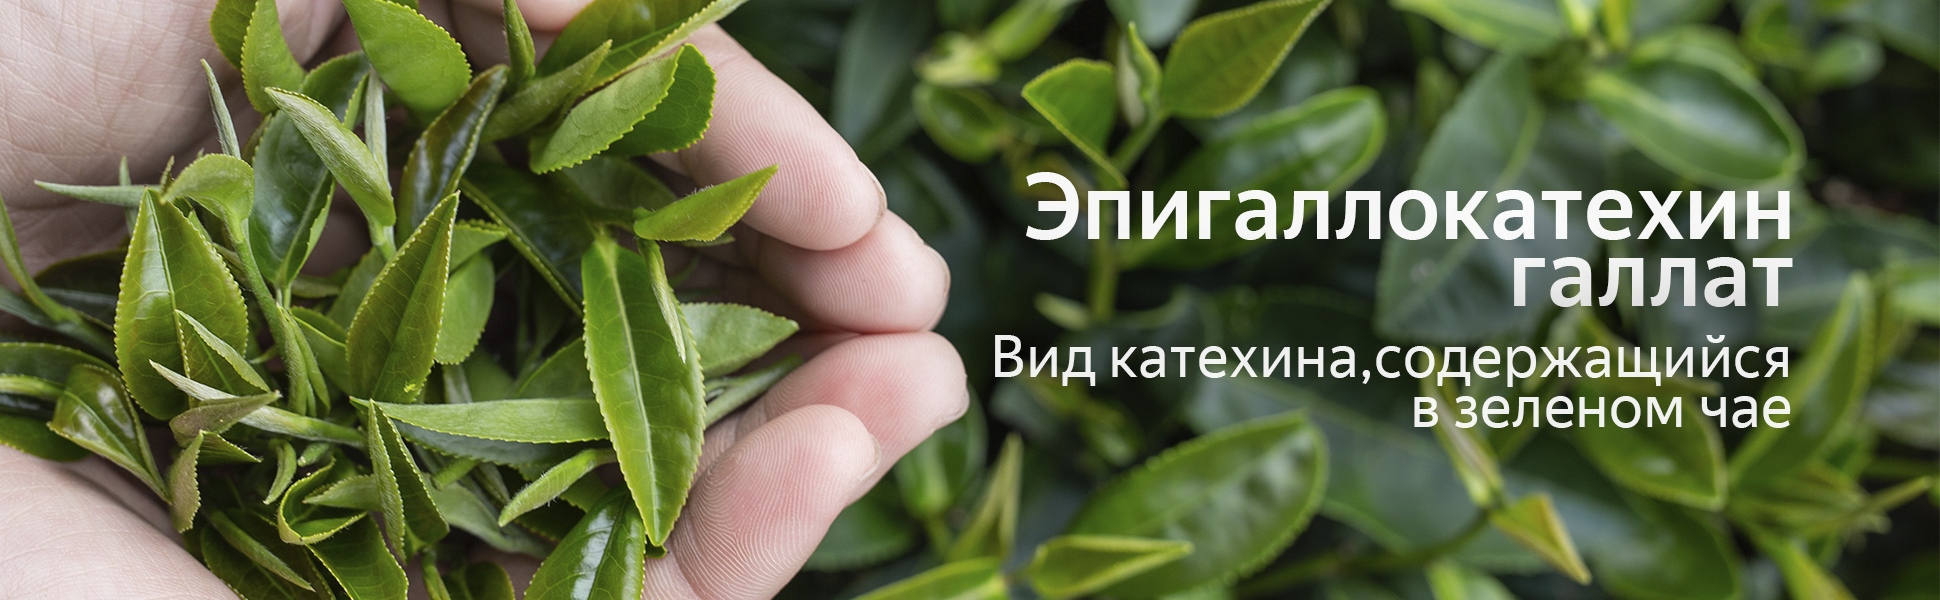 mladomaston_epigallokatexin